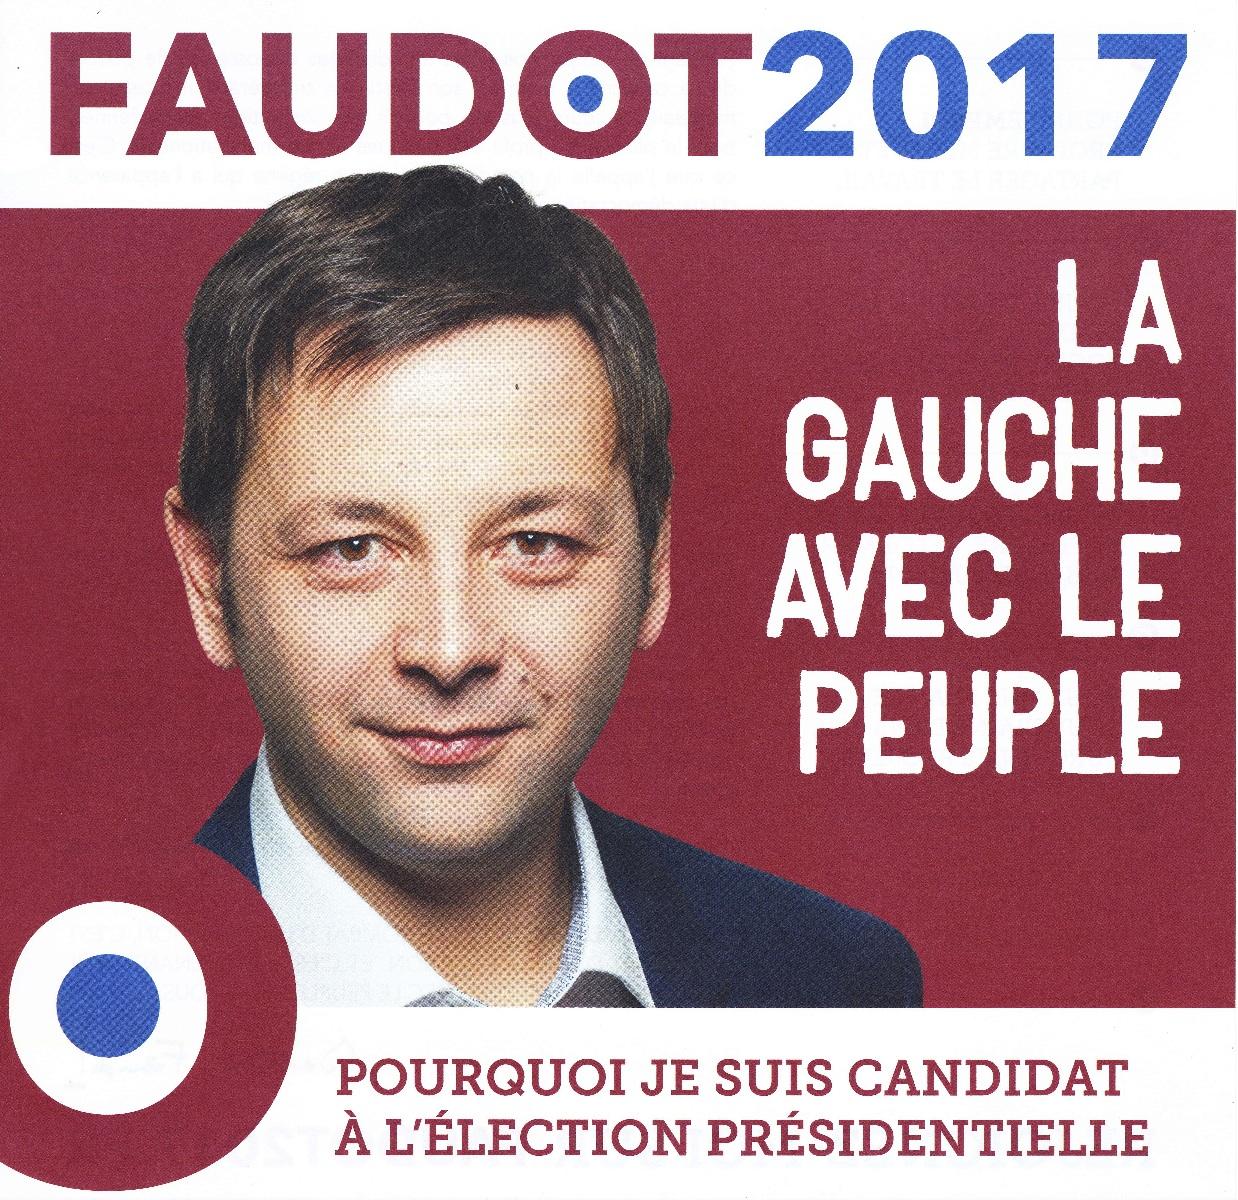 Election présidentielle Bastien Faudot